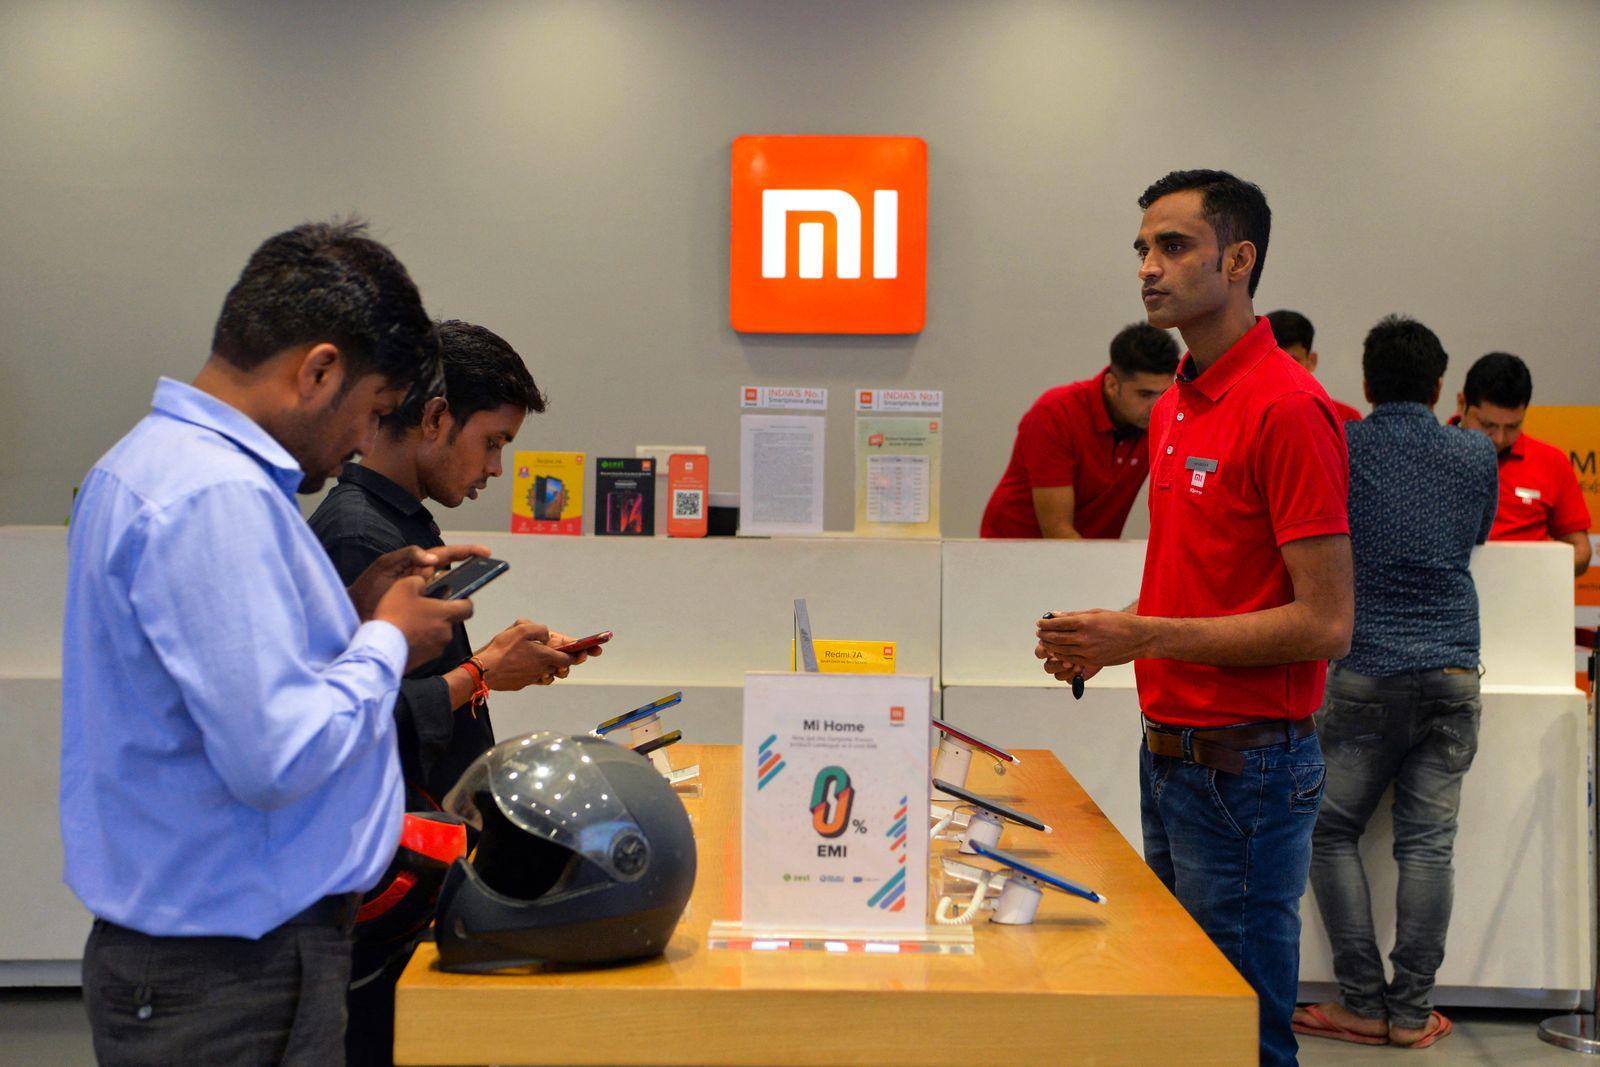 INDIA-ECONOMY-TELECOMS-SMARTPHONE